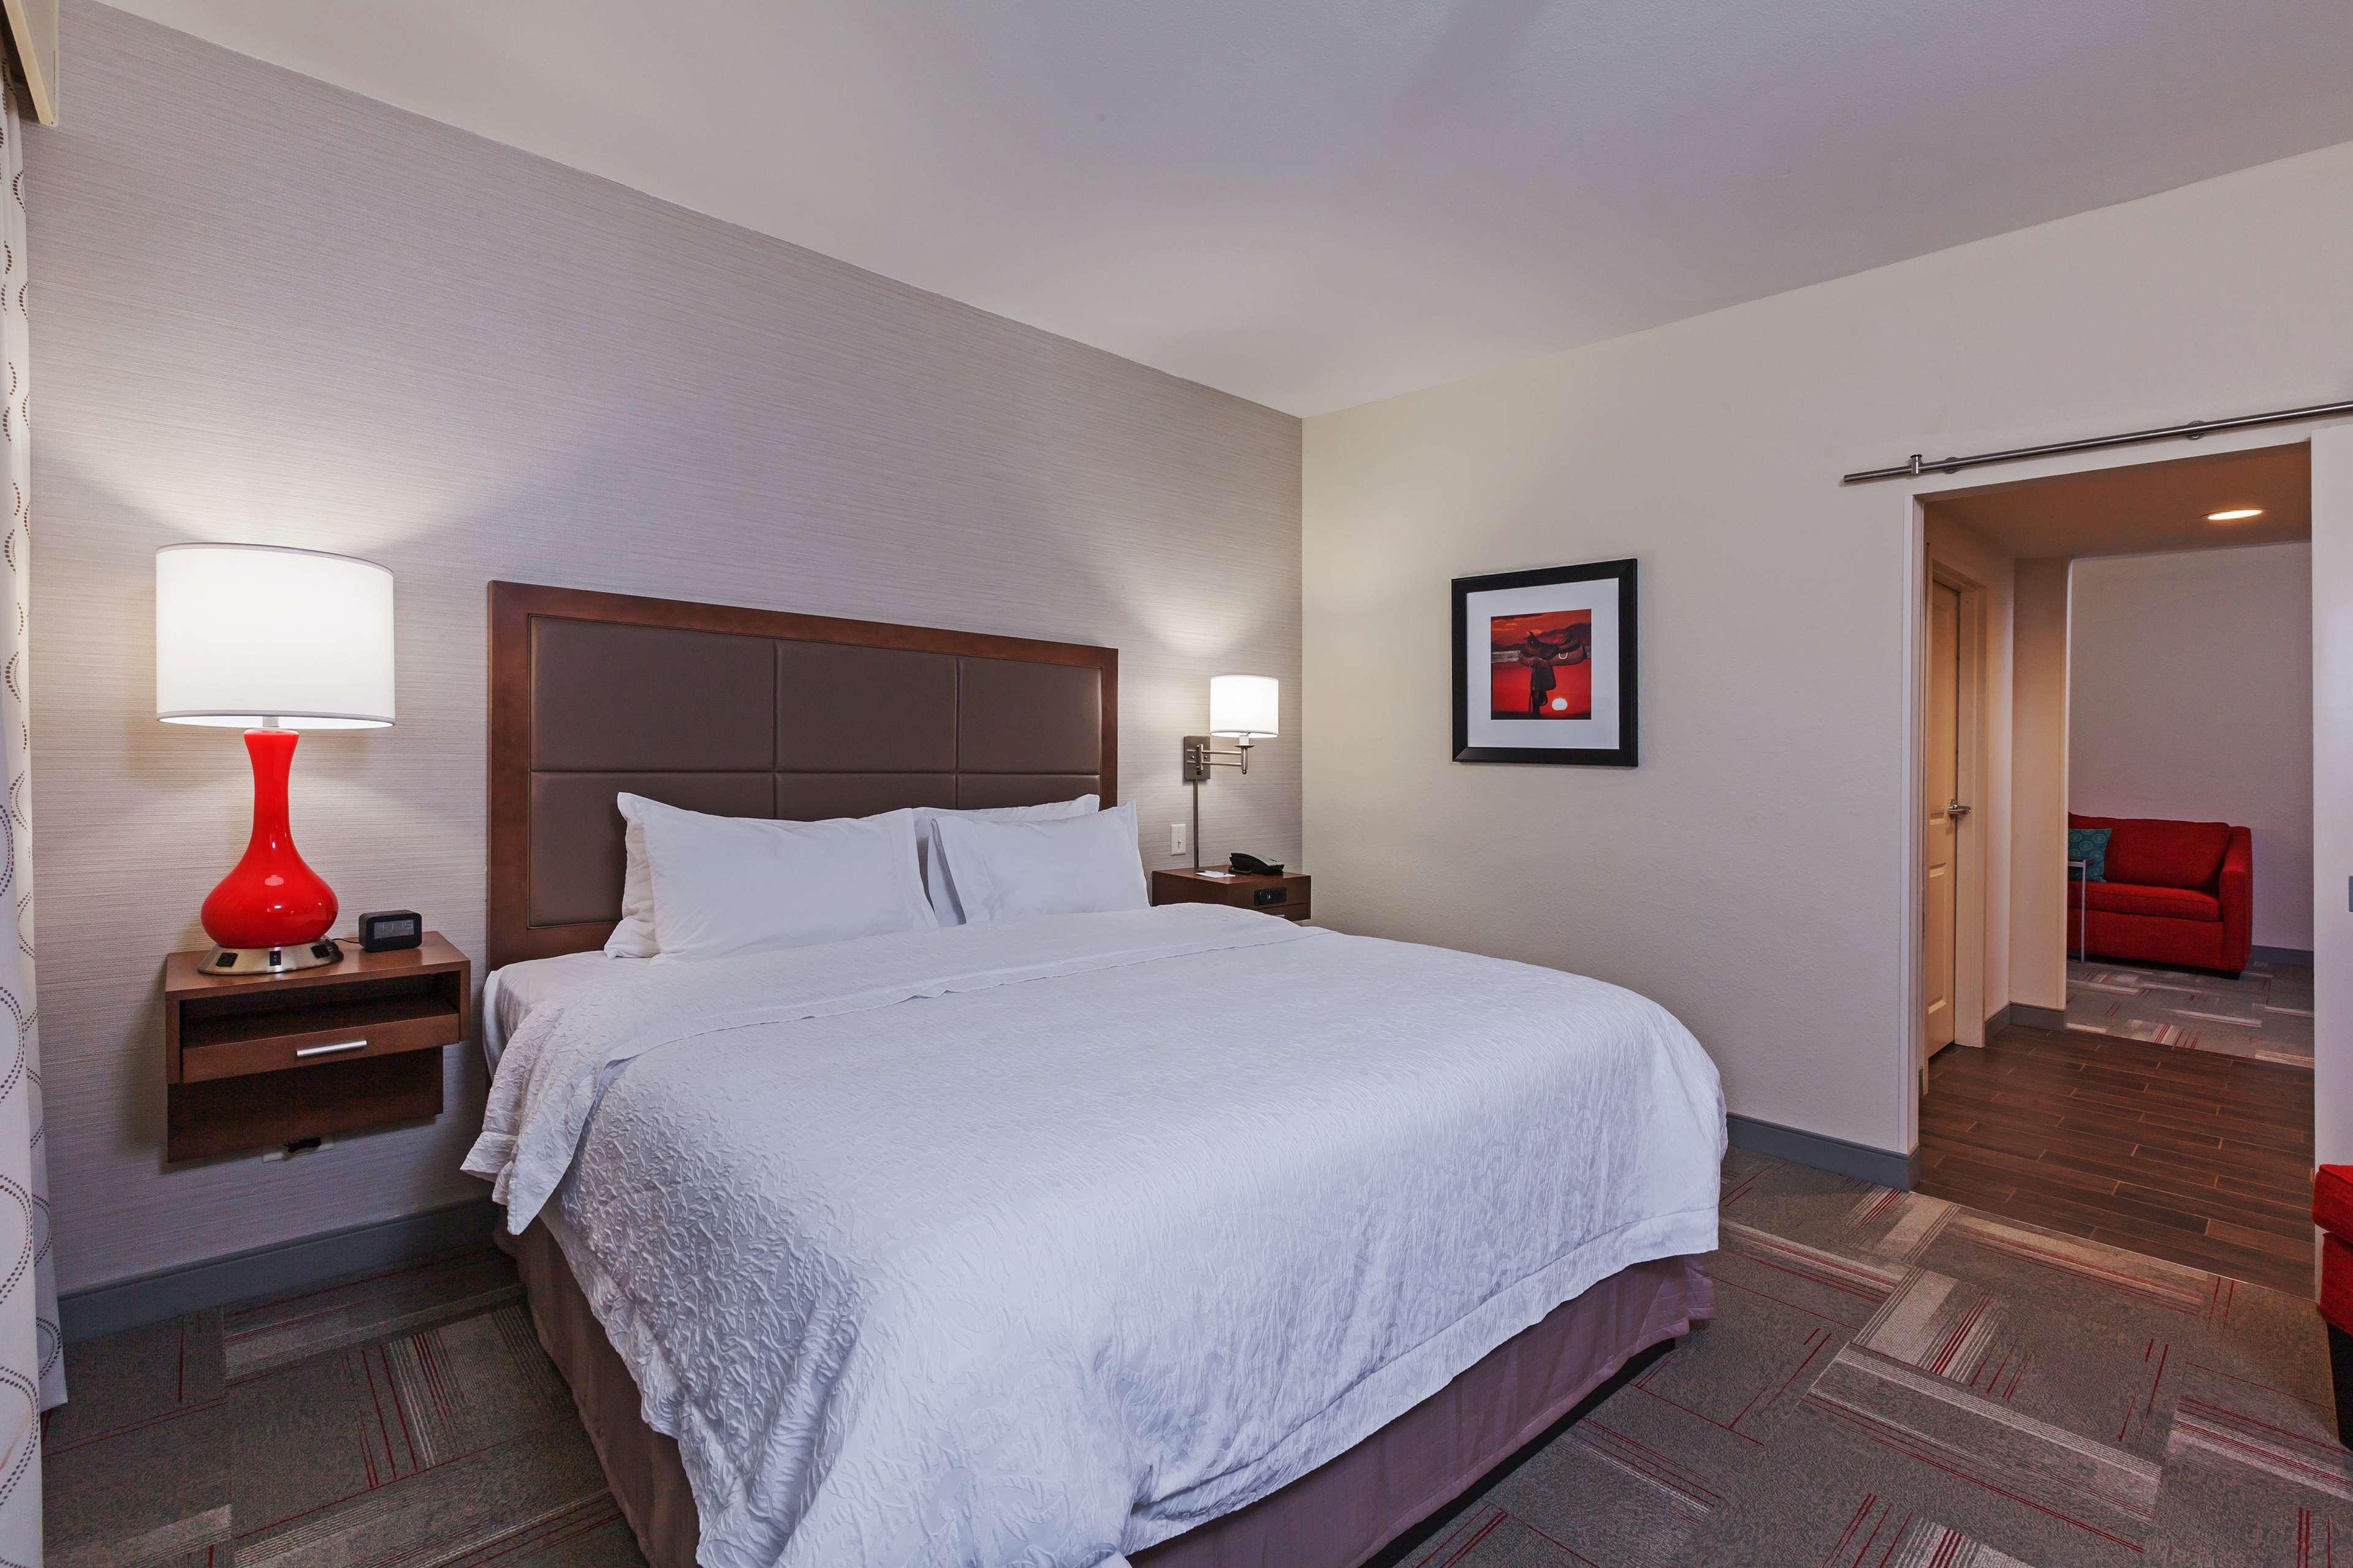 Hampton Inn & Suites Claremore image 19